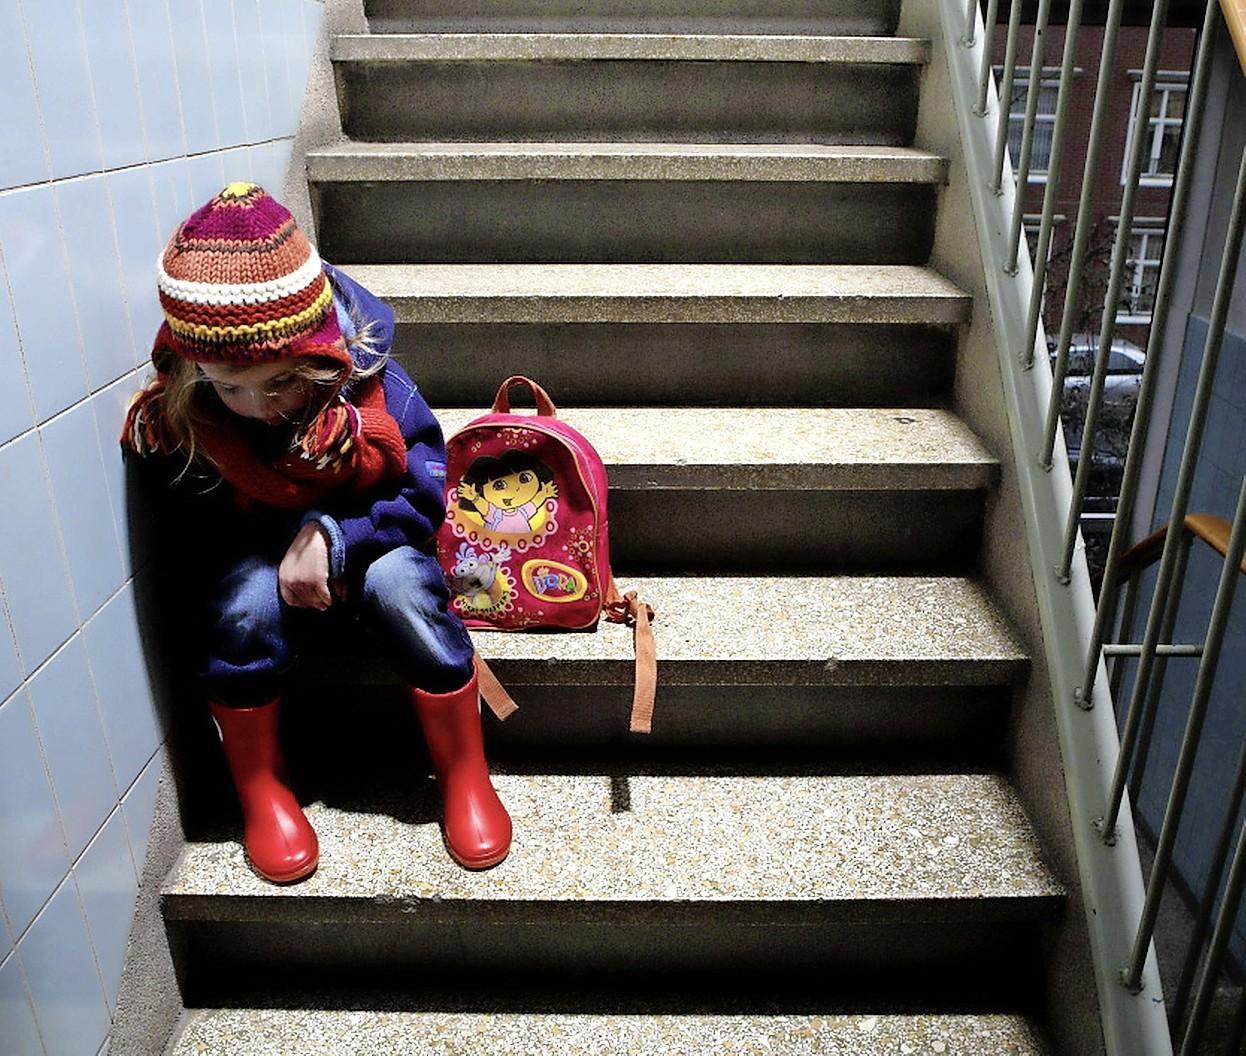 Politiek Bloemendaal wil einde aan steeds duurder wordende jeugdzorg